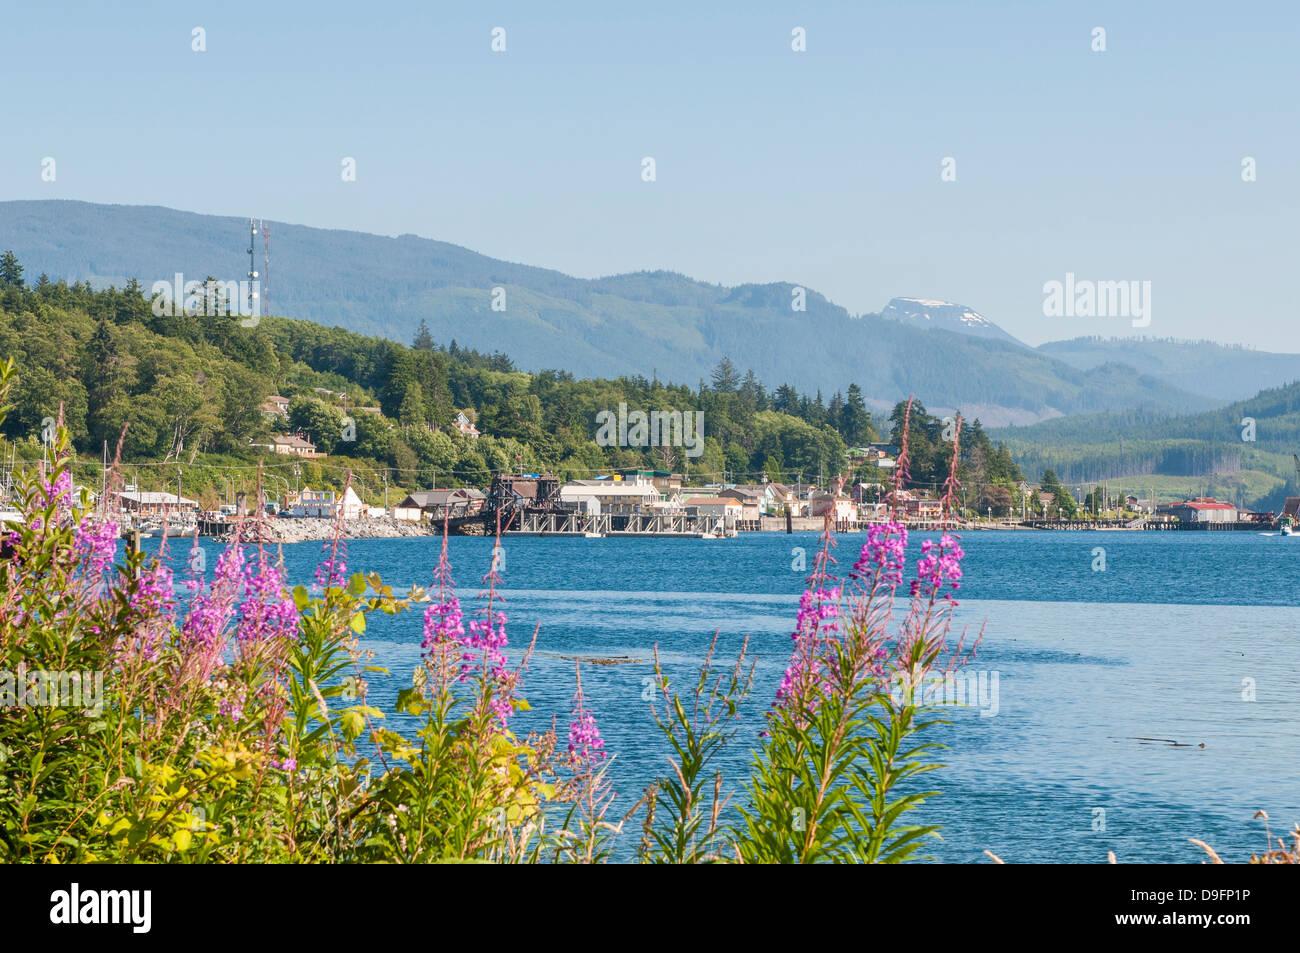 Alert Bay Harbor, British Columbia, Canadá Imagen De Stock